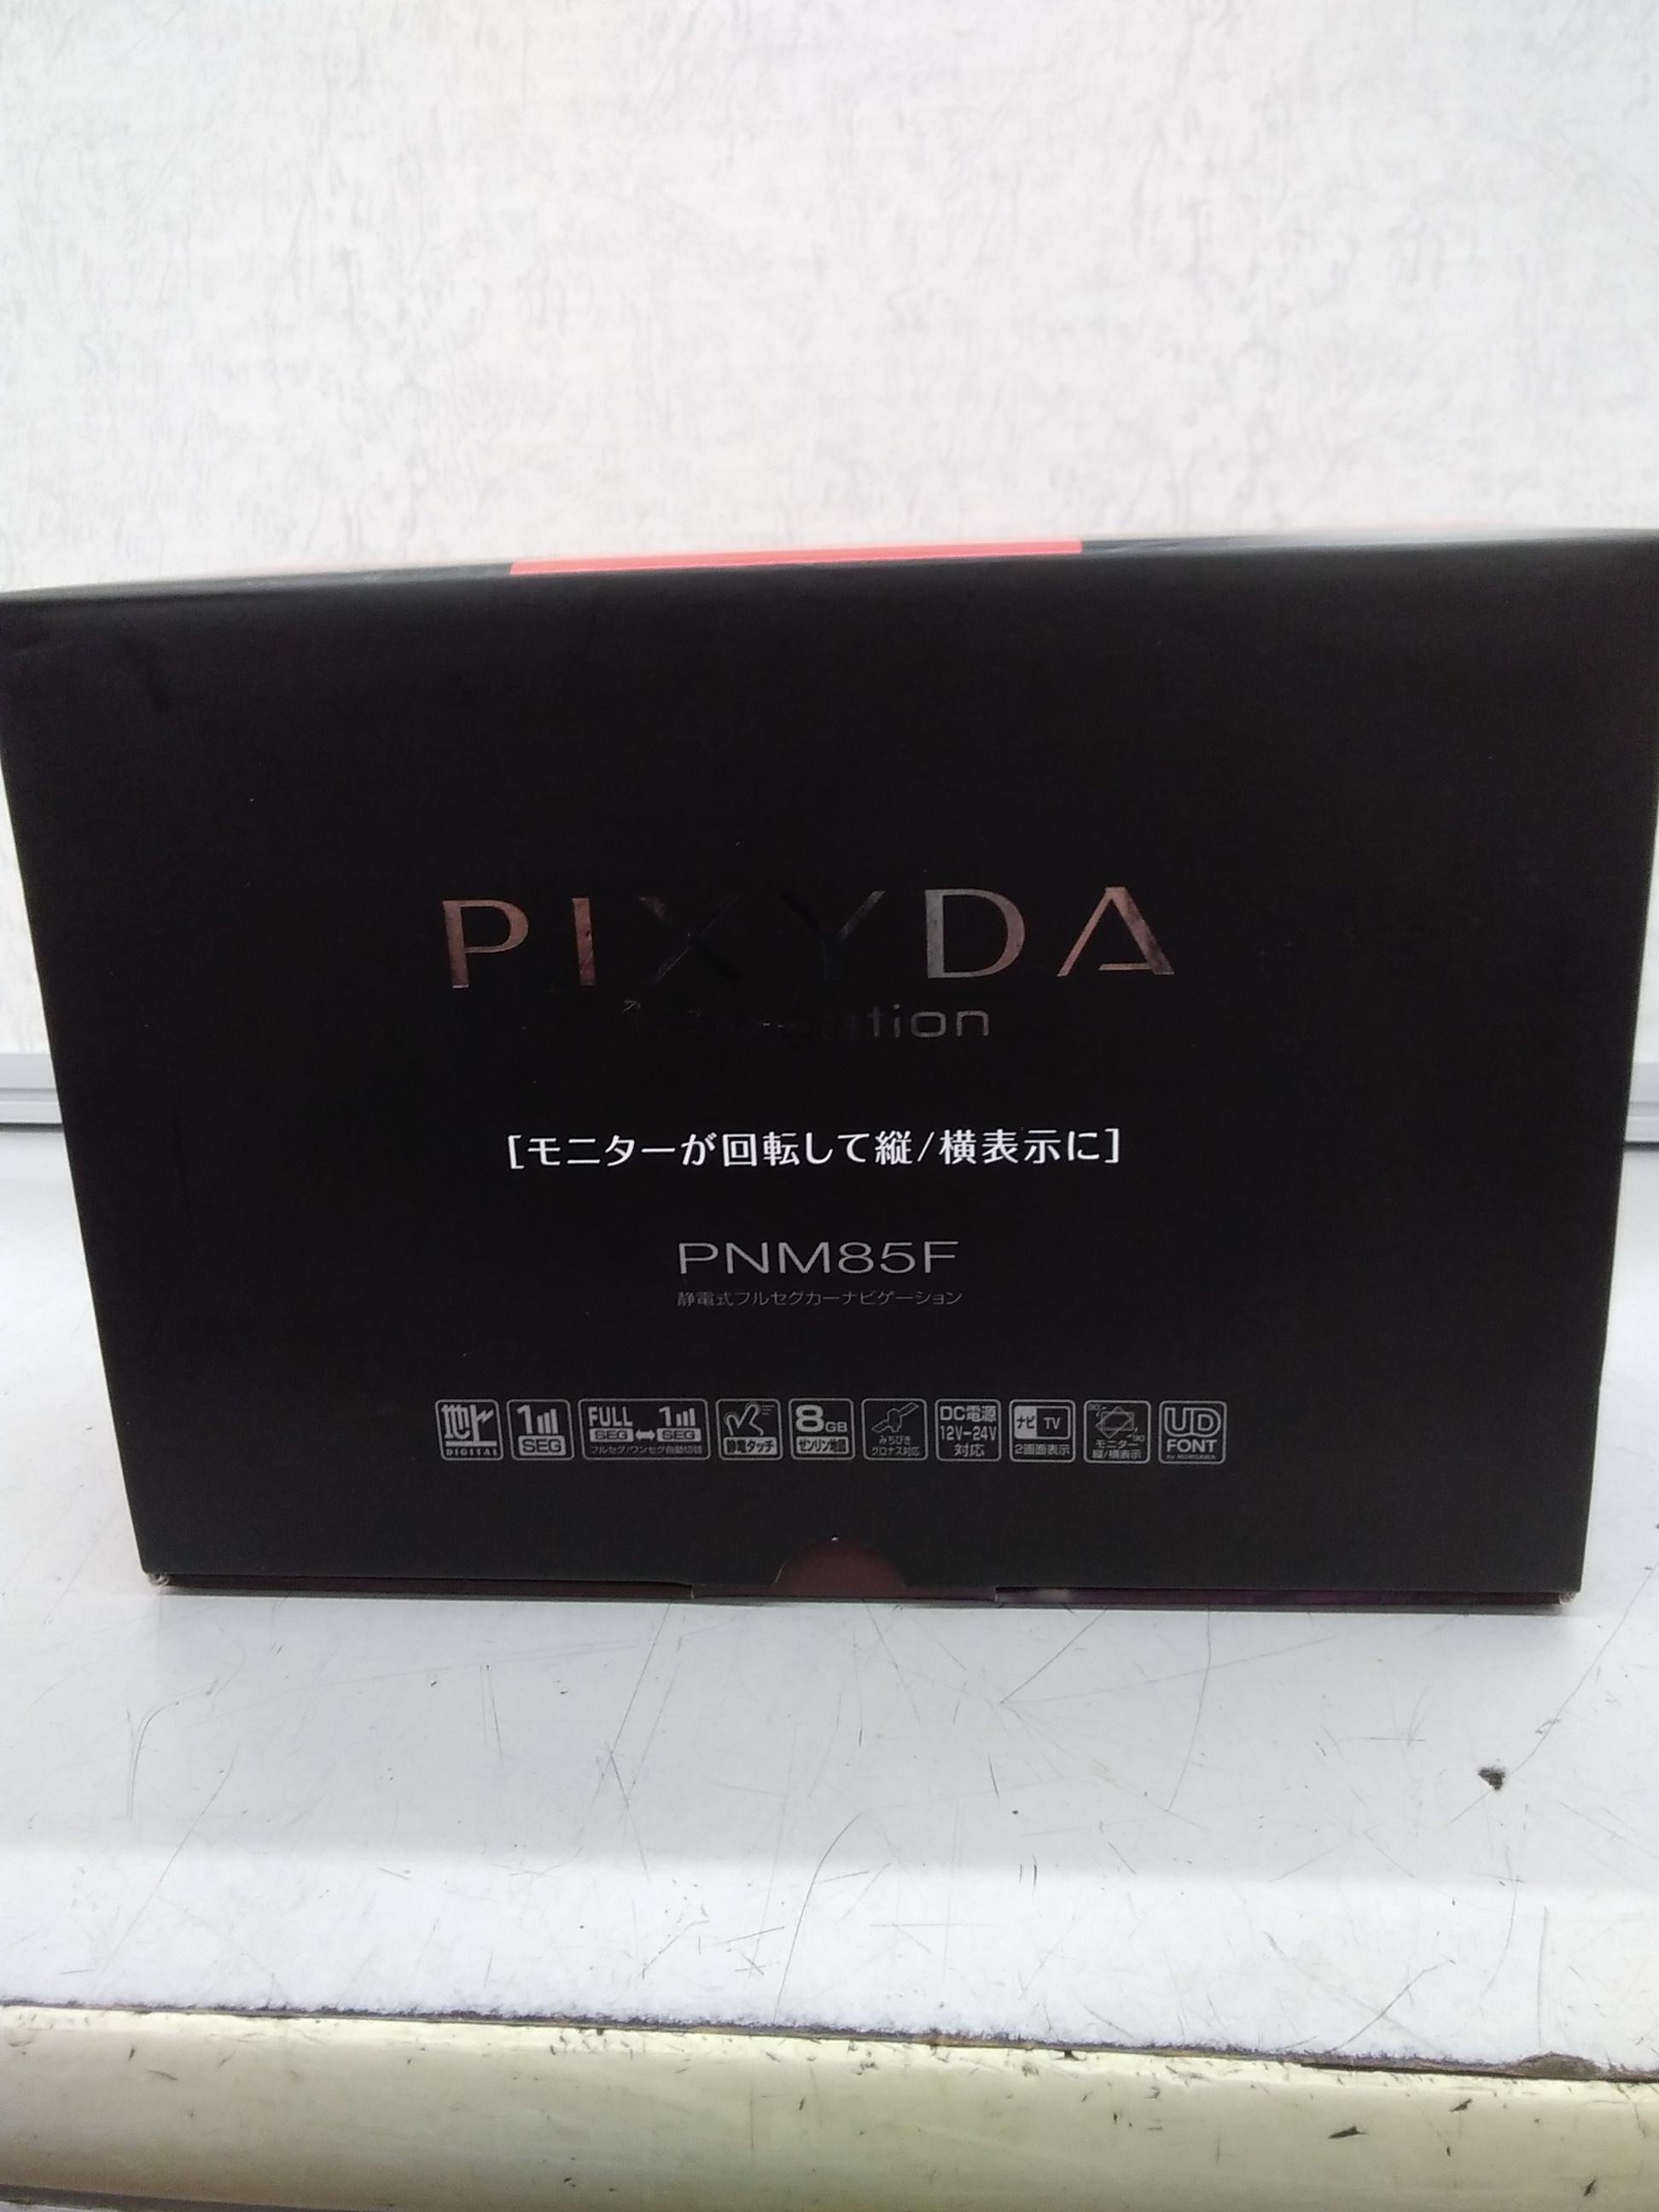 ポータブルメモリーナビ|PIXYDA